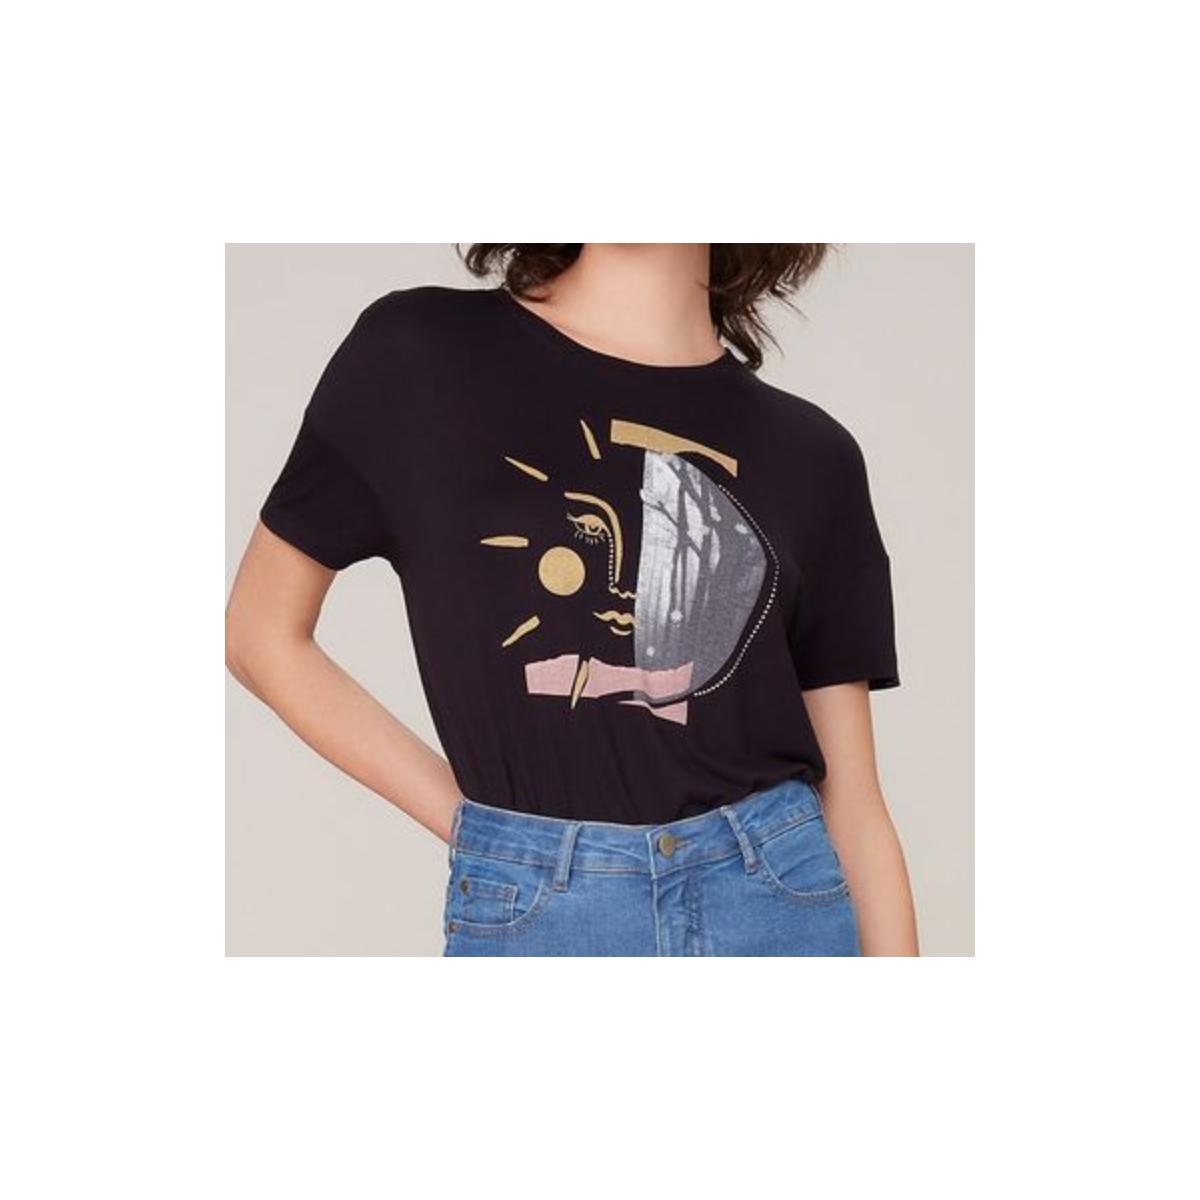 Camiseta Feminina Dzarm 6rzy N10en Preto